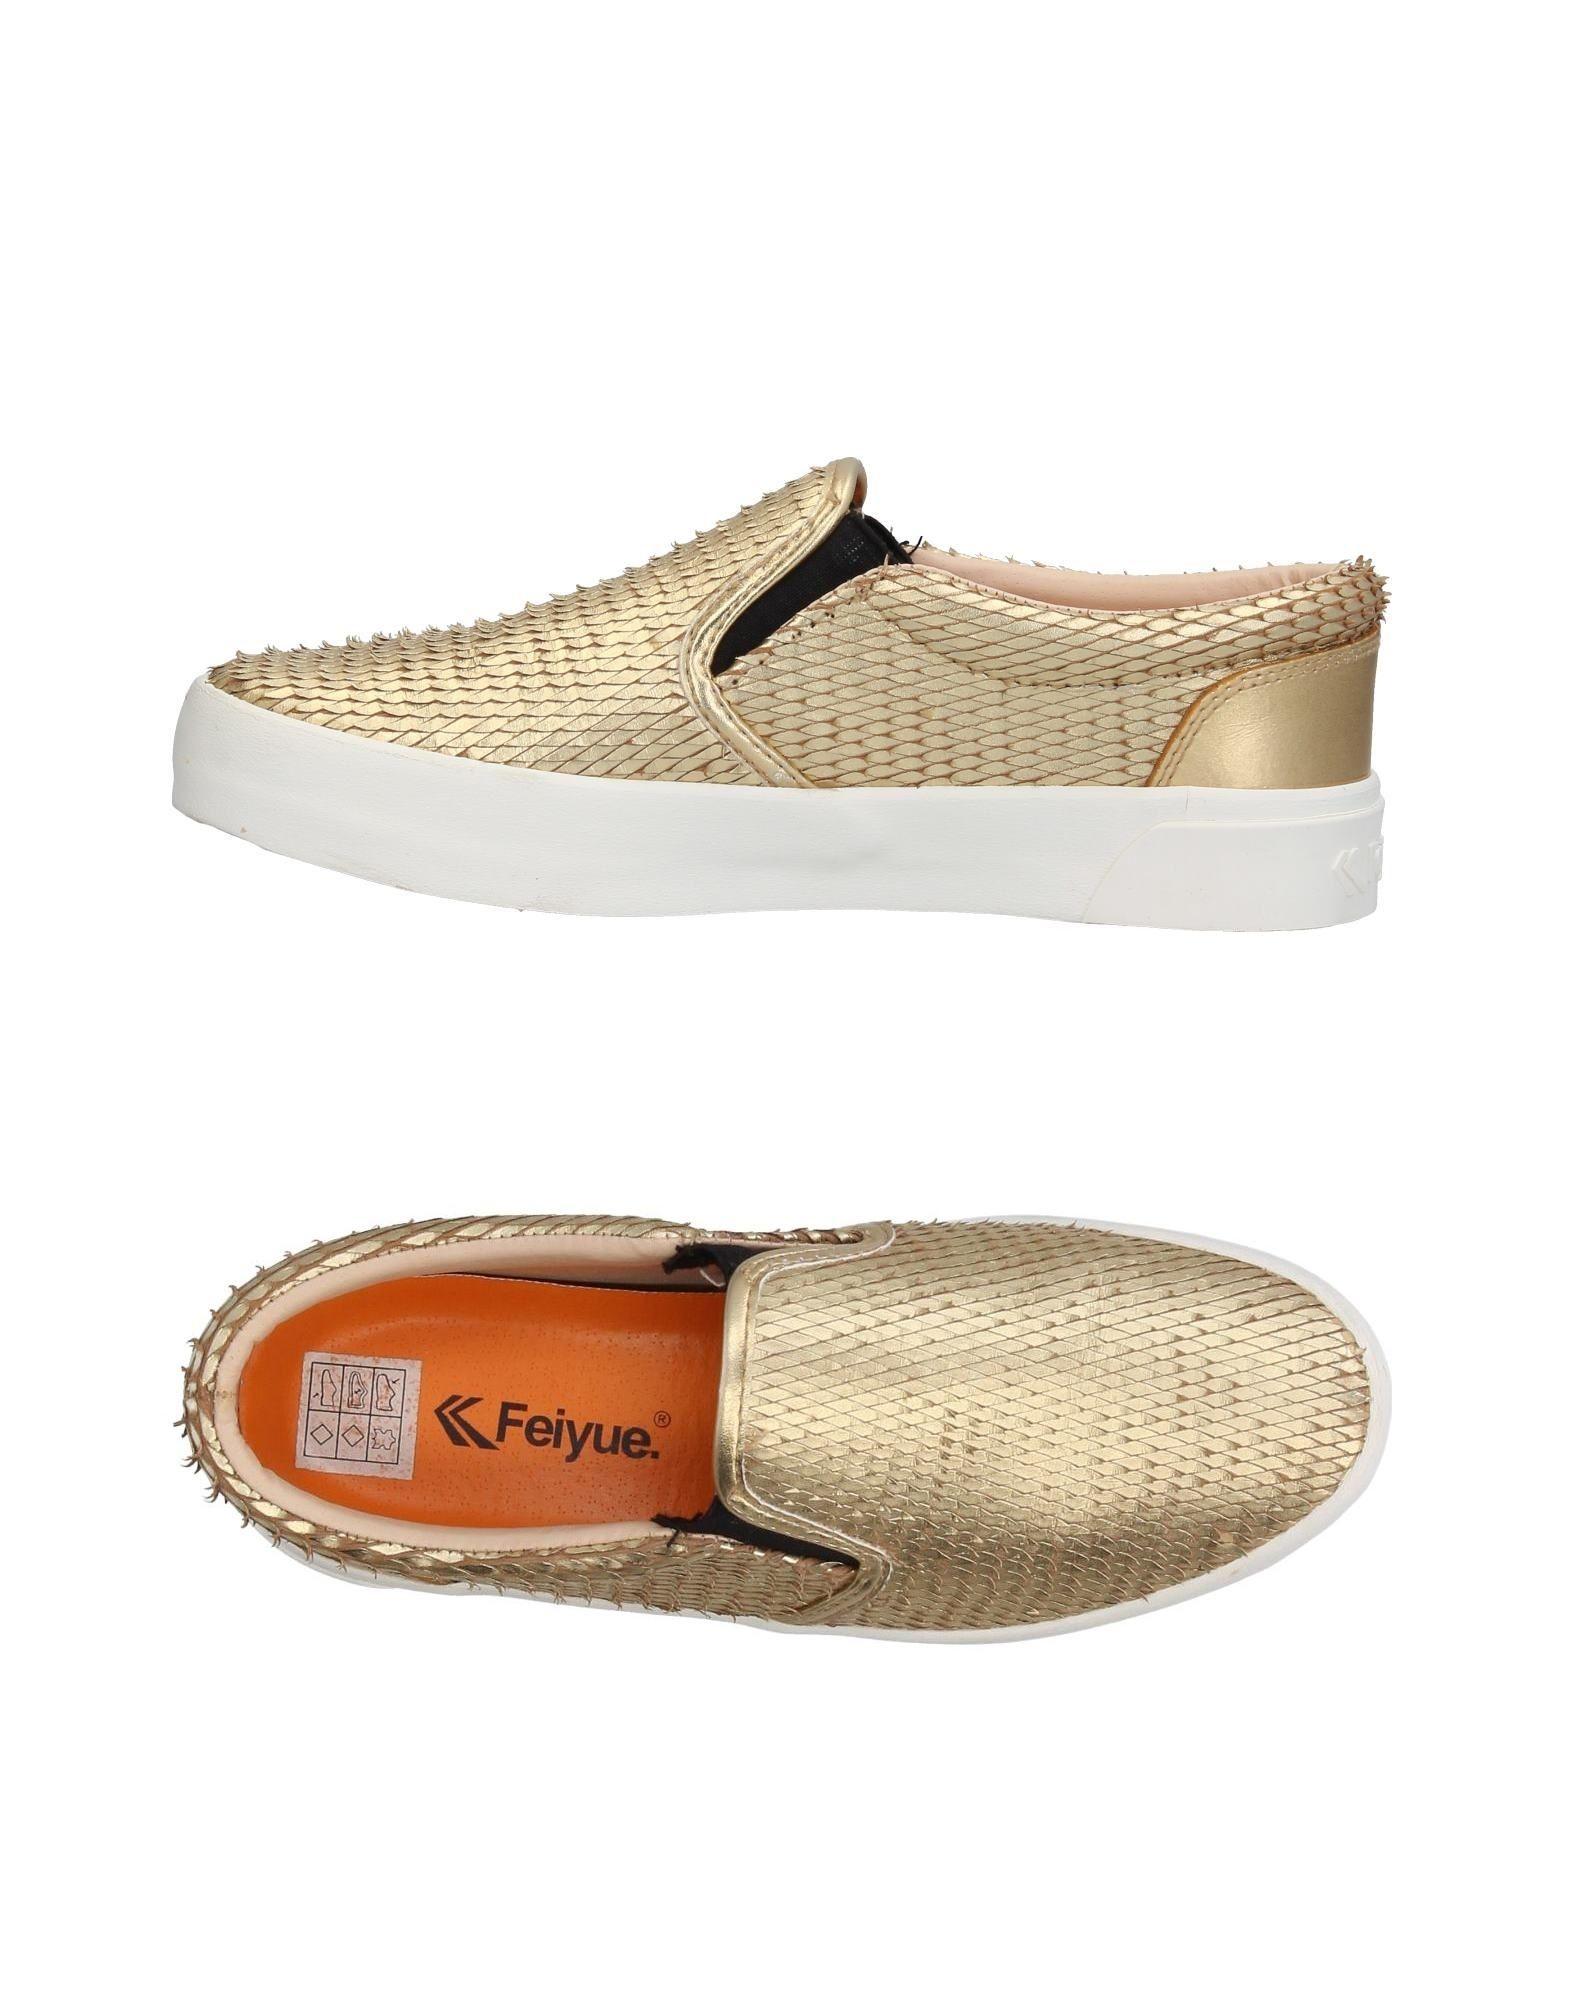 FEIYUE.® Низкие кеды и кроссовки feiyue fy01 fy02 fy03 clutch fylh01